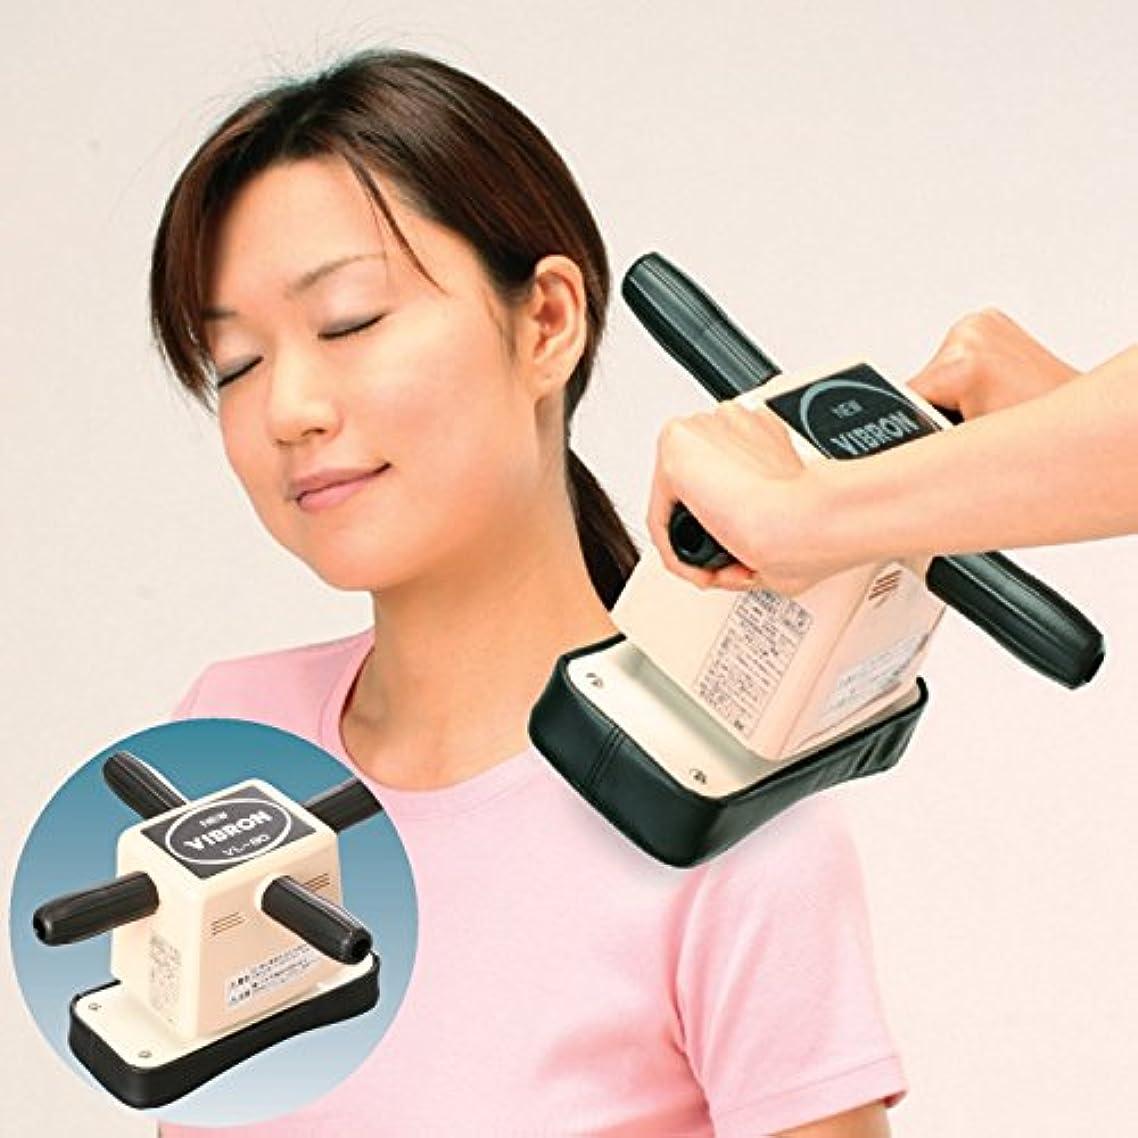 理想的にはコンパクト腰マッサージ器 家庭用 電動 按摩器 小型 日本製 (首?腰?足?ふくろはぎ?肩こりに)